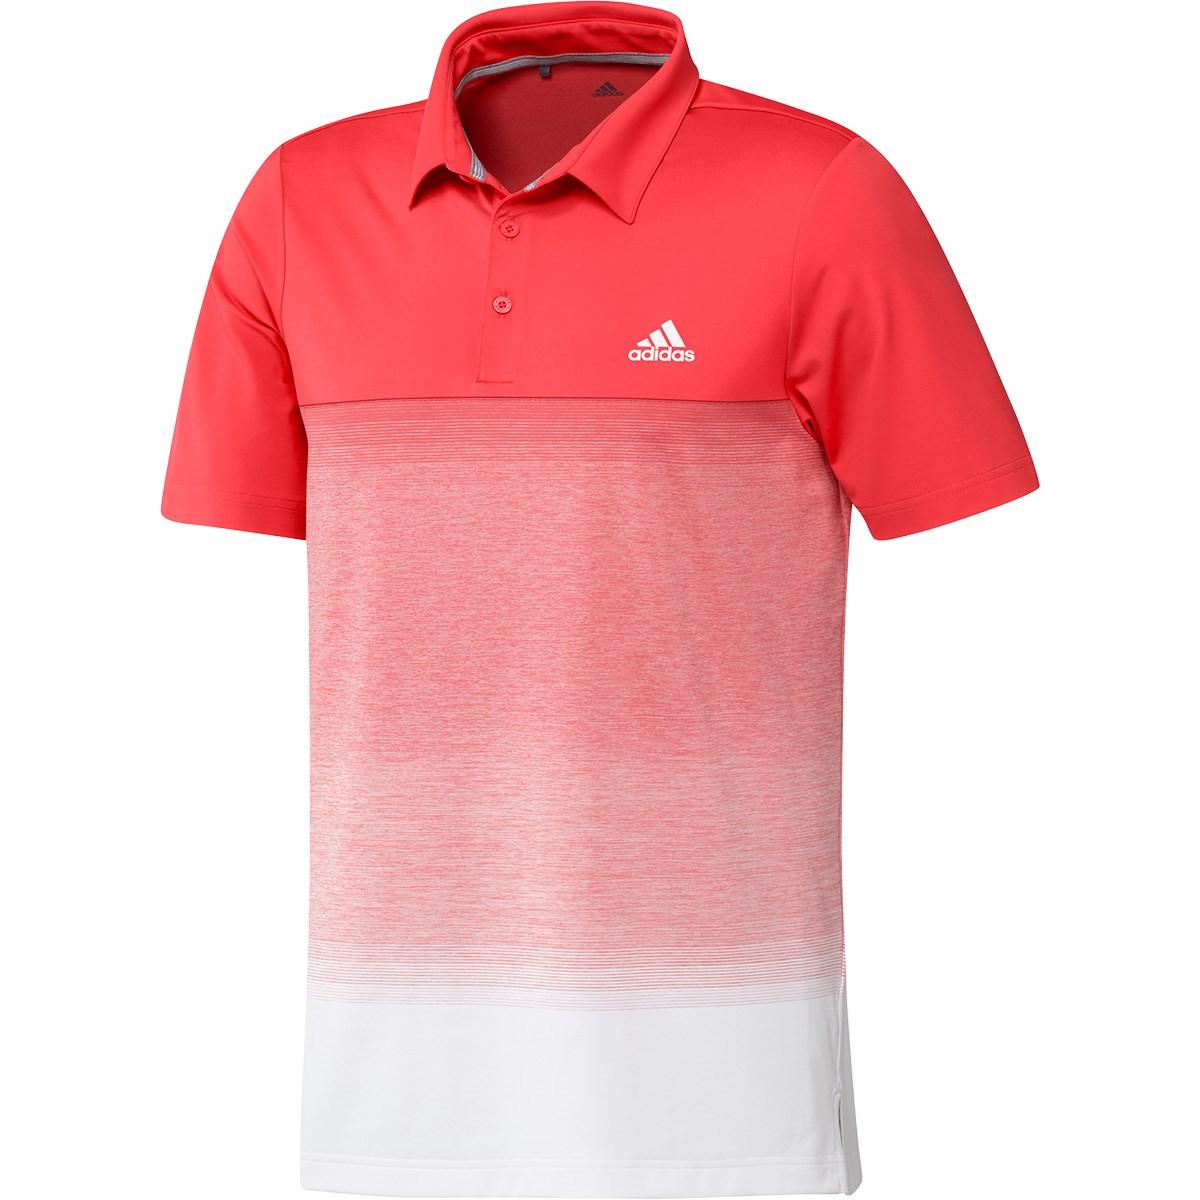 アディダス Adidas ULTIMATE365 メランジプリント 半袖ポロシャツ S リアルコーラル/ホワイト